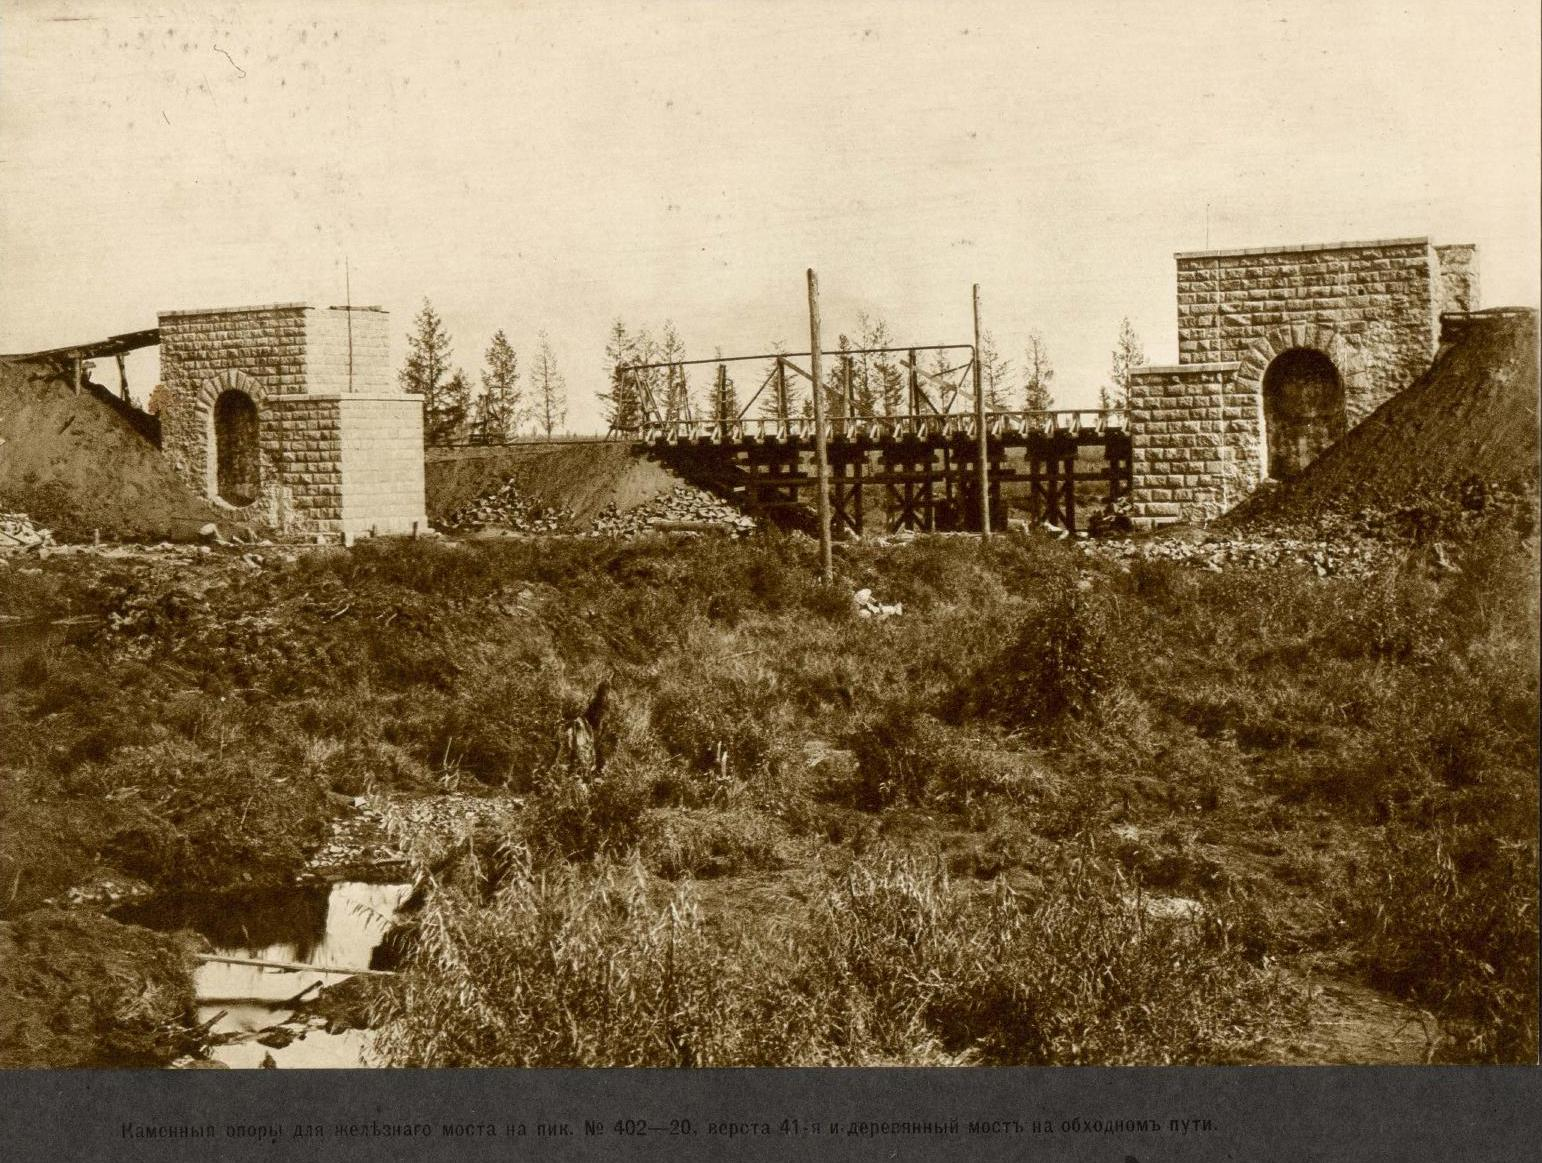 41 верста. Каменные опоры для железного моста на пик. №402-20 и деревянный мост на обходном пути